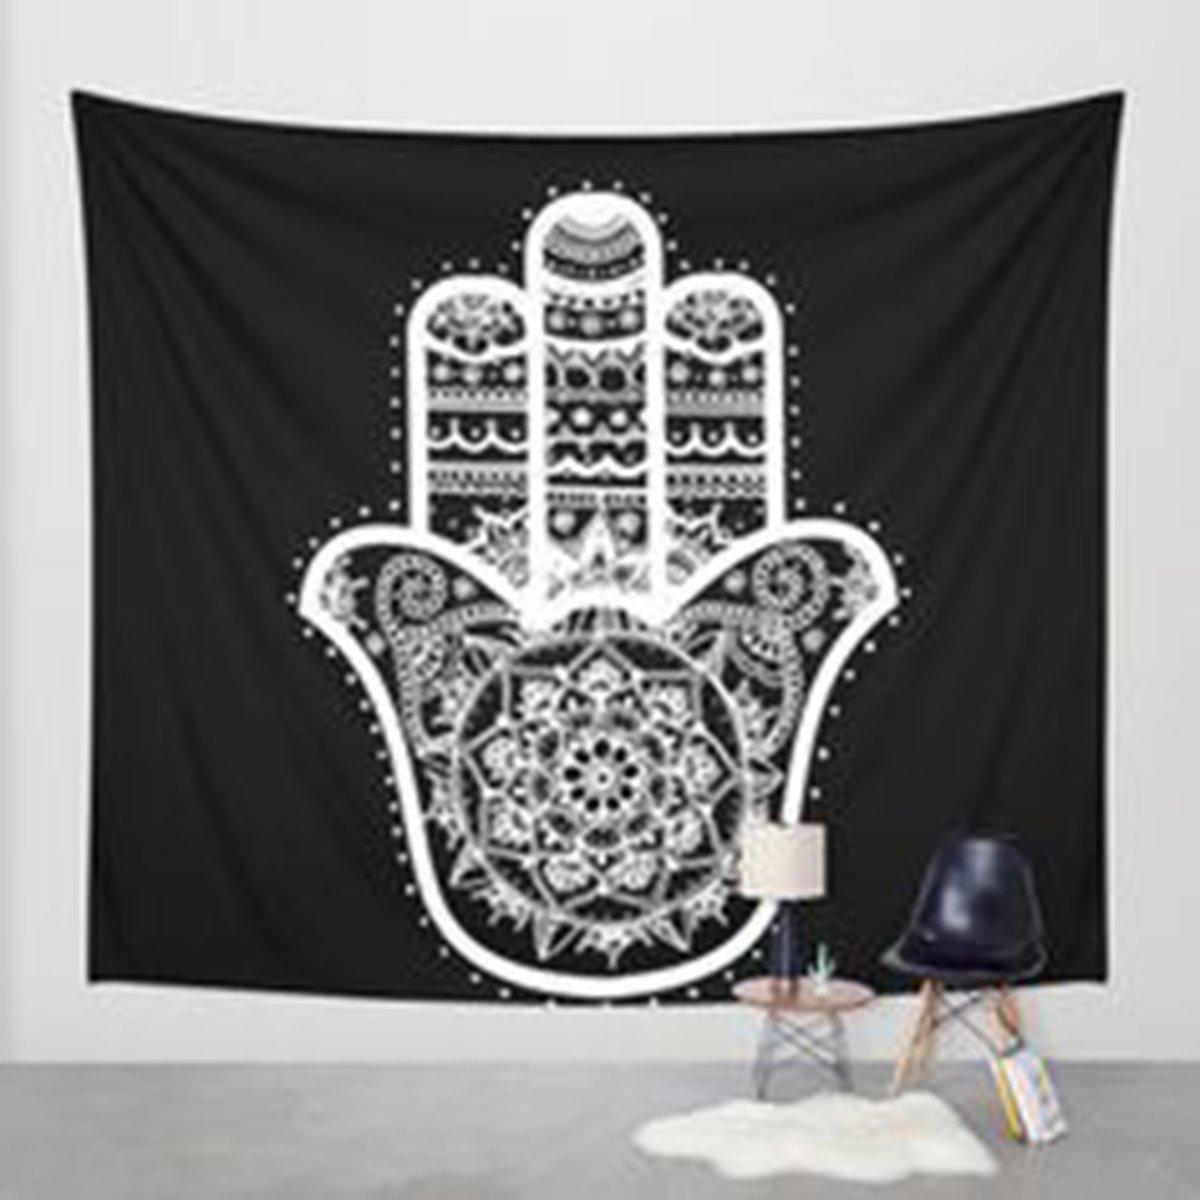 Shukqueen Tapestry, Black Flower Mandala Wall Hanging Tapestry Dorm Decor (59H x 59W, Black Flower-1)